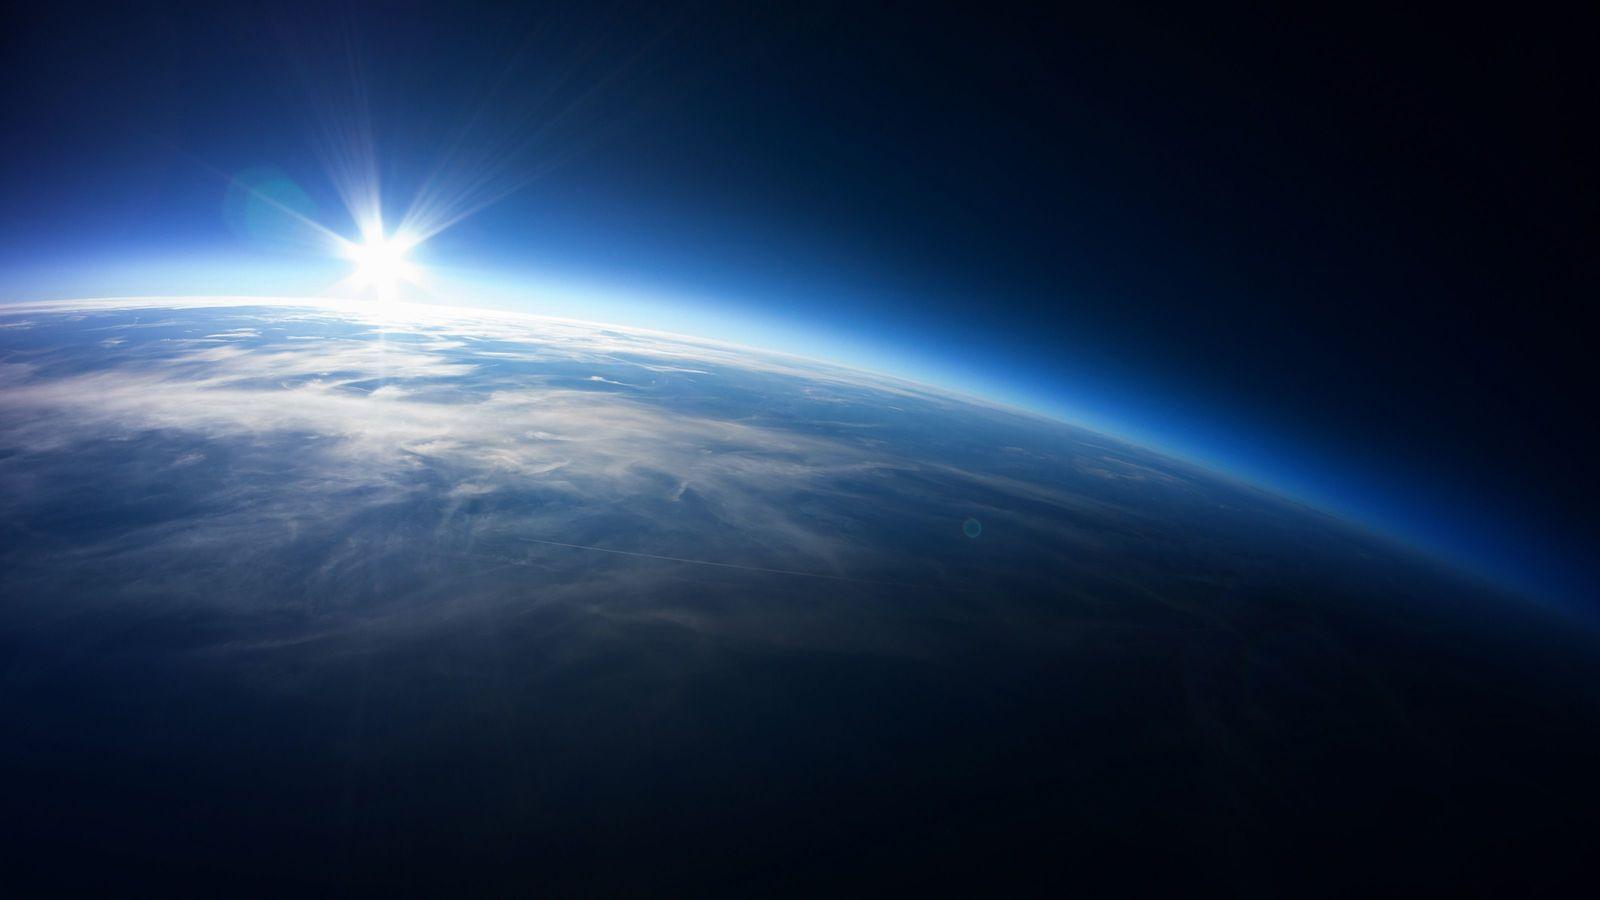 宇宙から帰ってきた人はなぜ性格が変わるのか 「重力」に気づくと、人生観も変わる